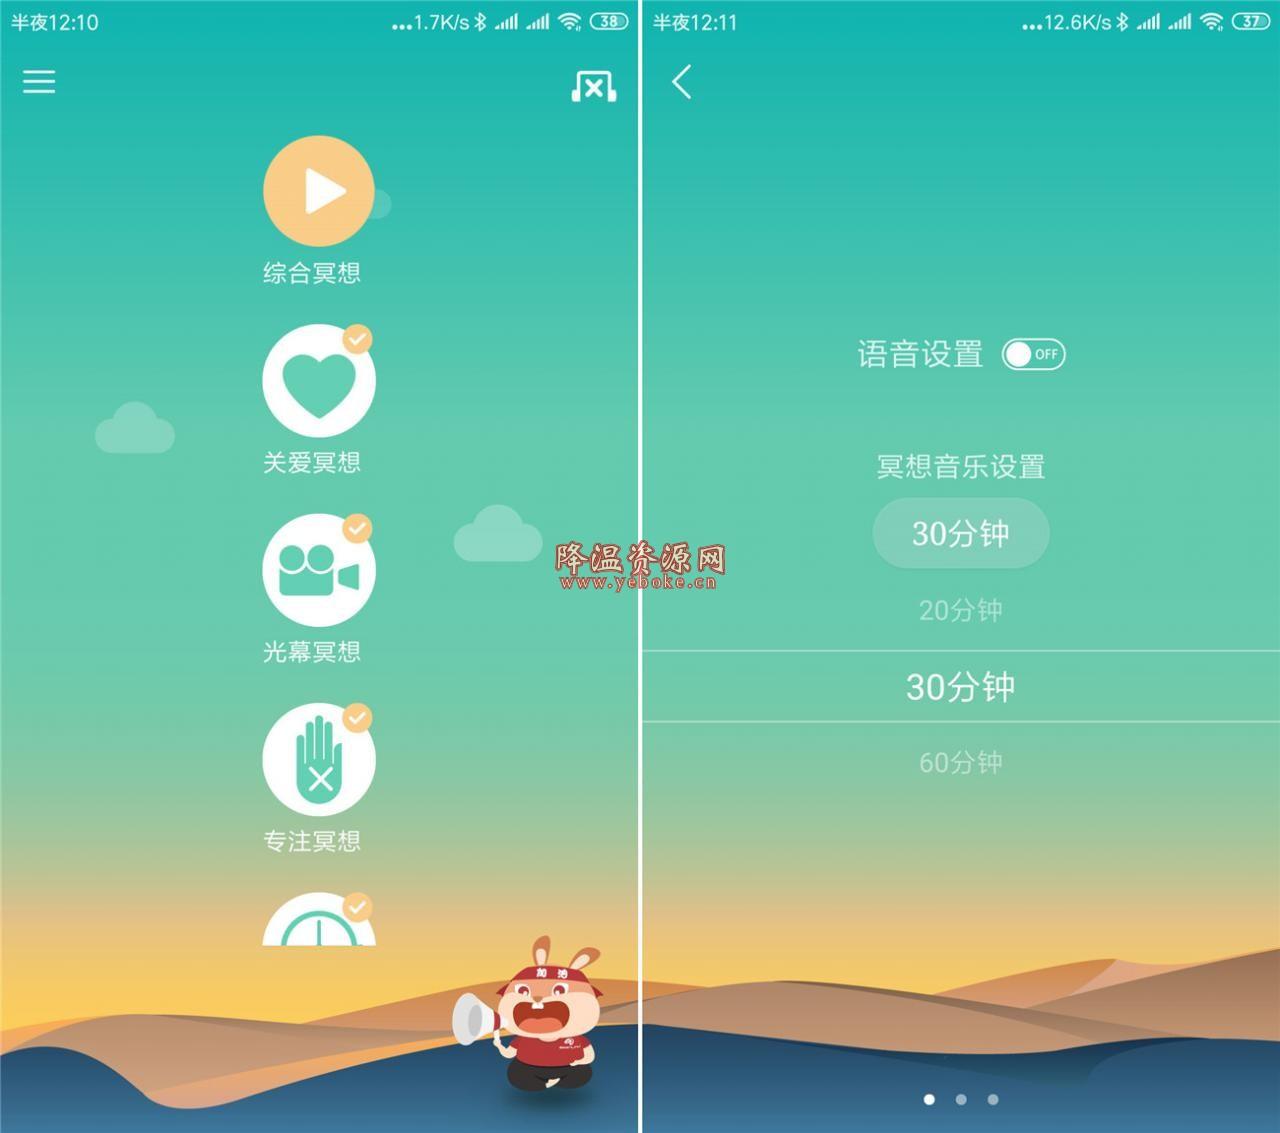 8分钟冥想 v5.4.2 解锁版 手机减压软件 Android 第1张